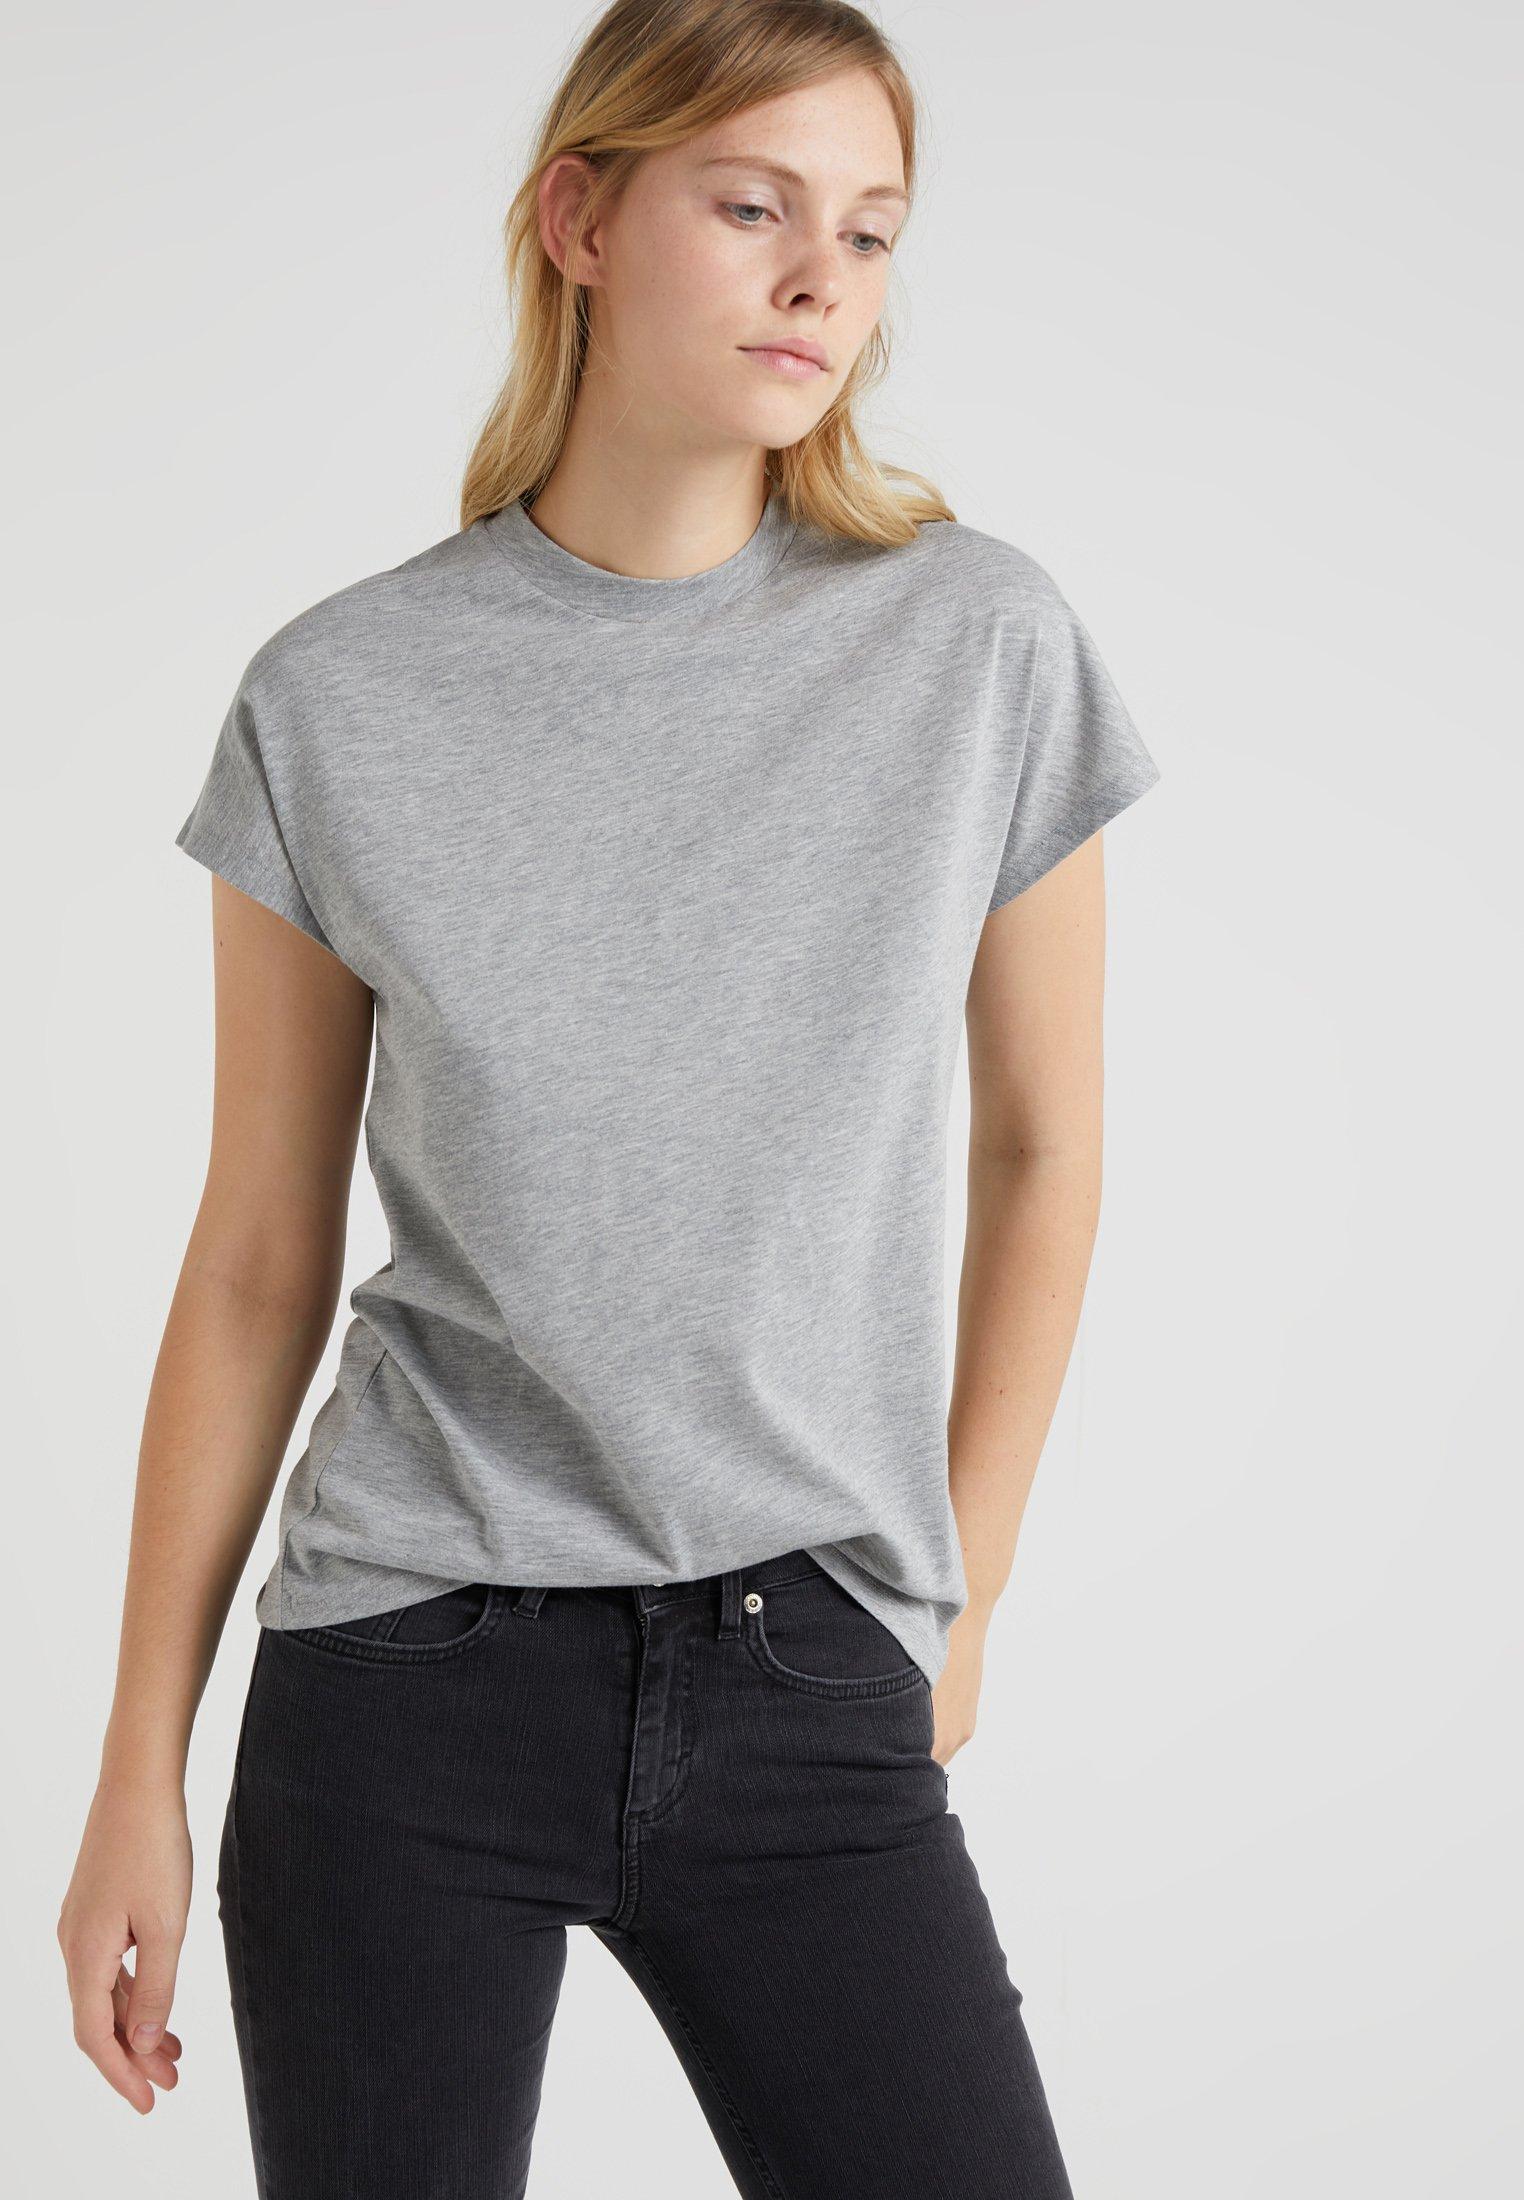 shirt Grey Hundred Basique Won ProofT VUMzpqSG